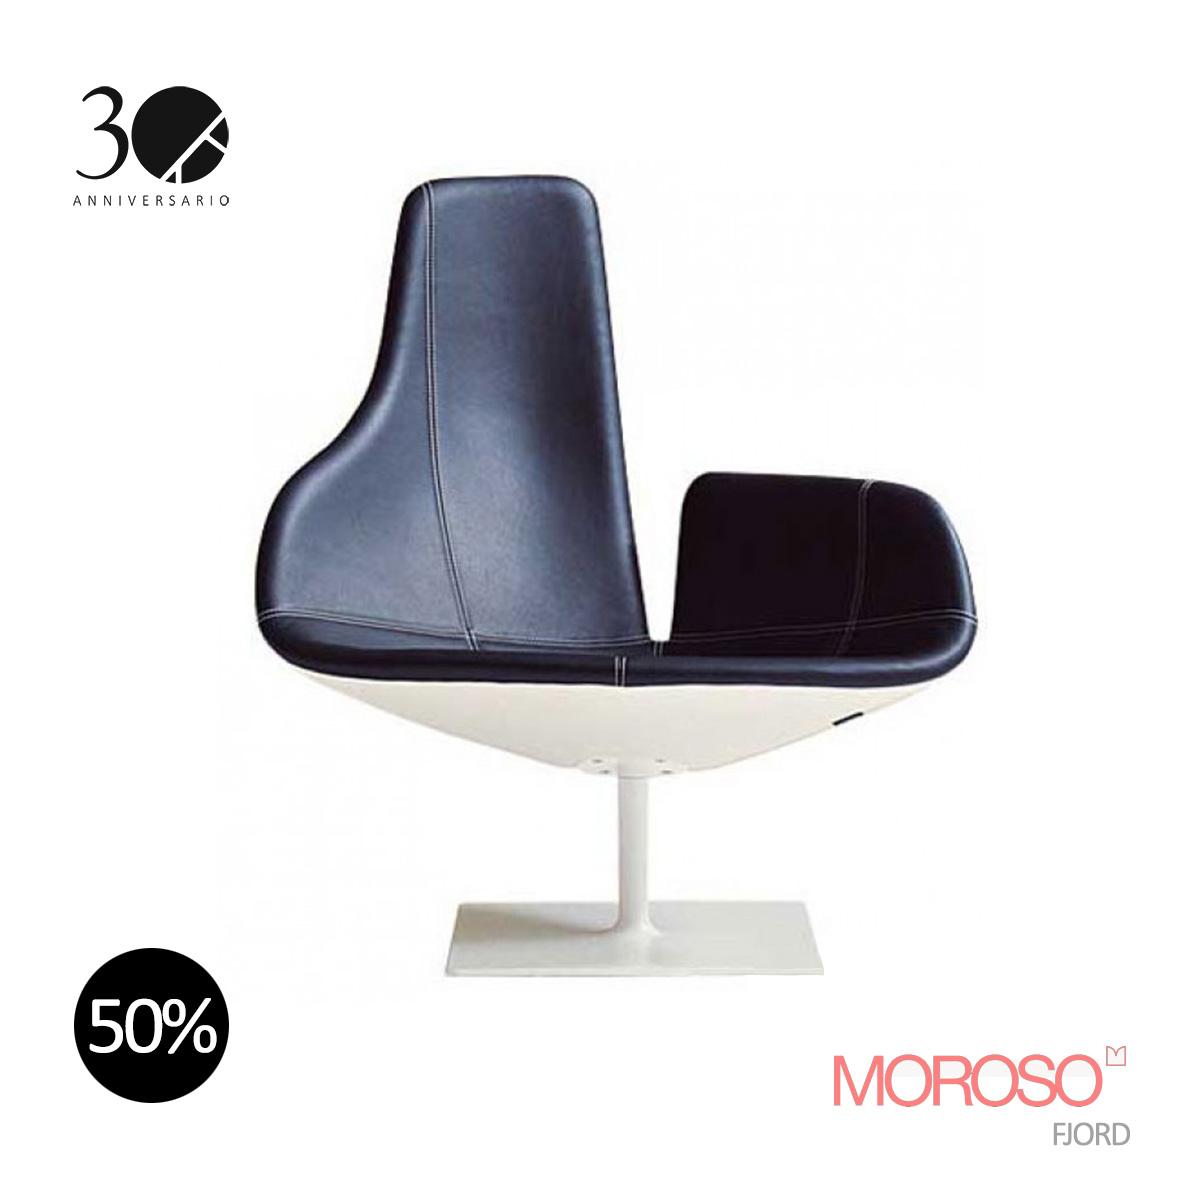 MOROSO - FJORD